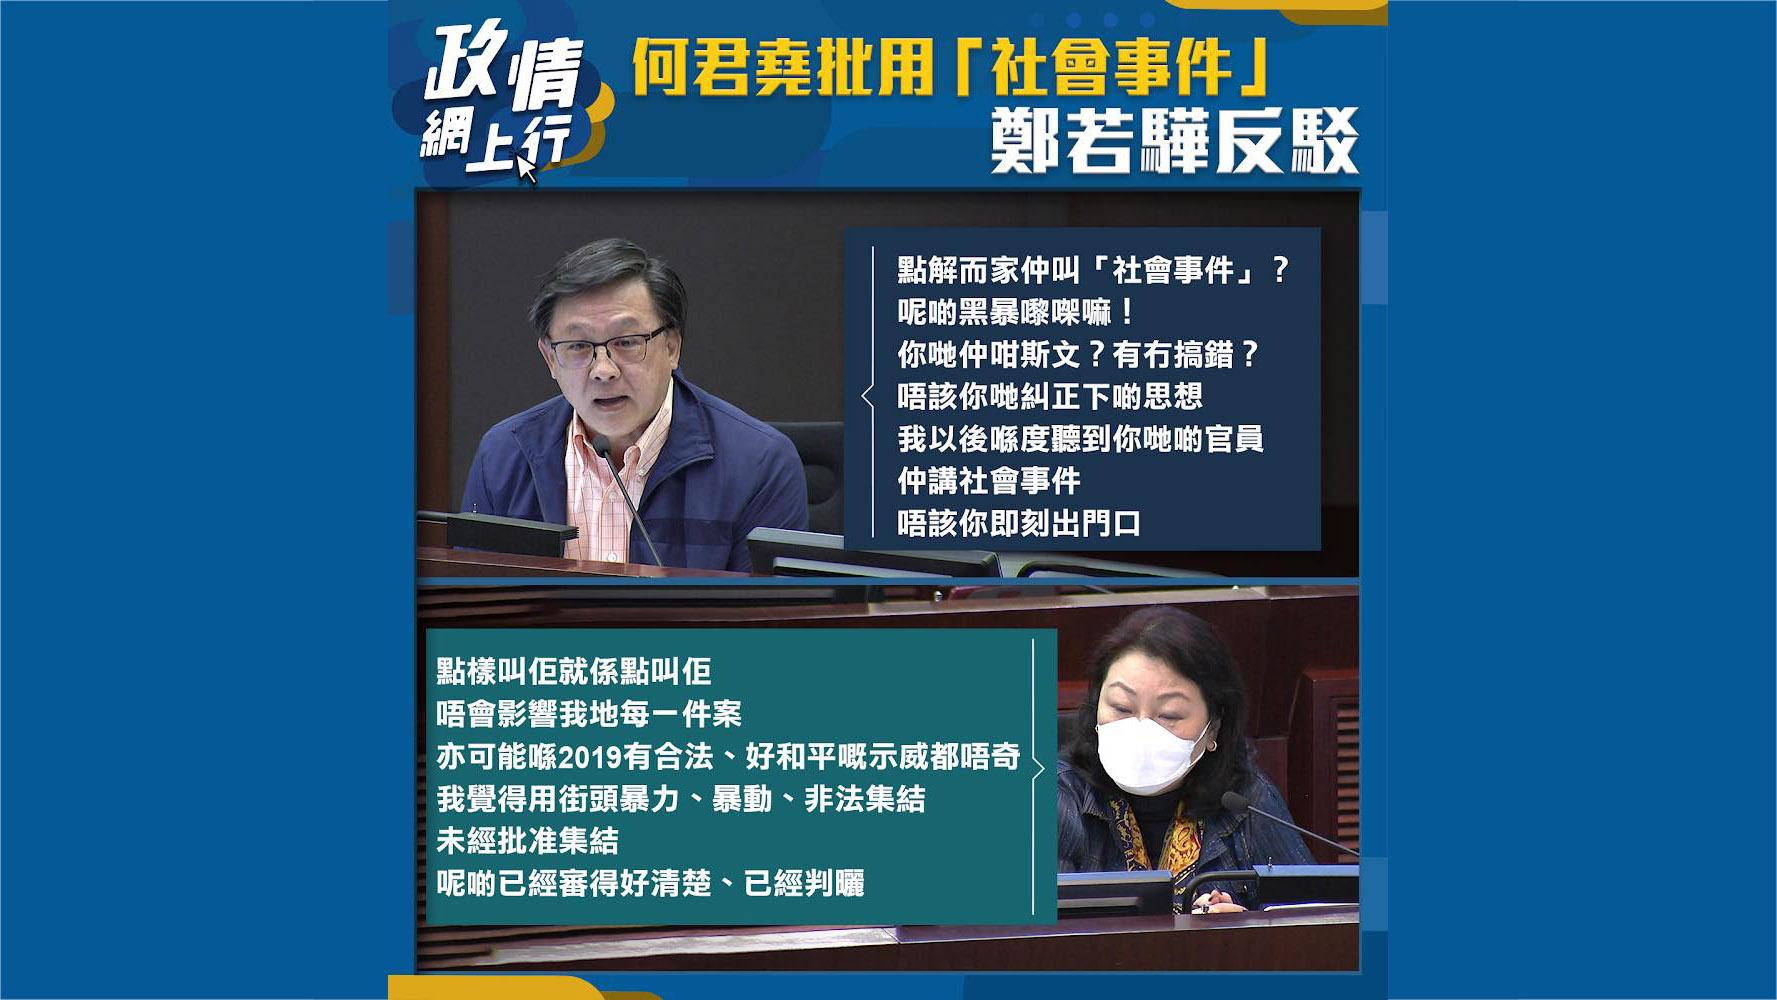 【政情網上行】何君堯批用「社會事件」 鄭若驊反駁